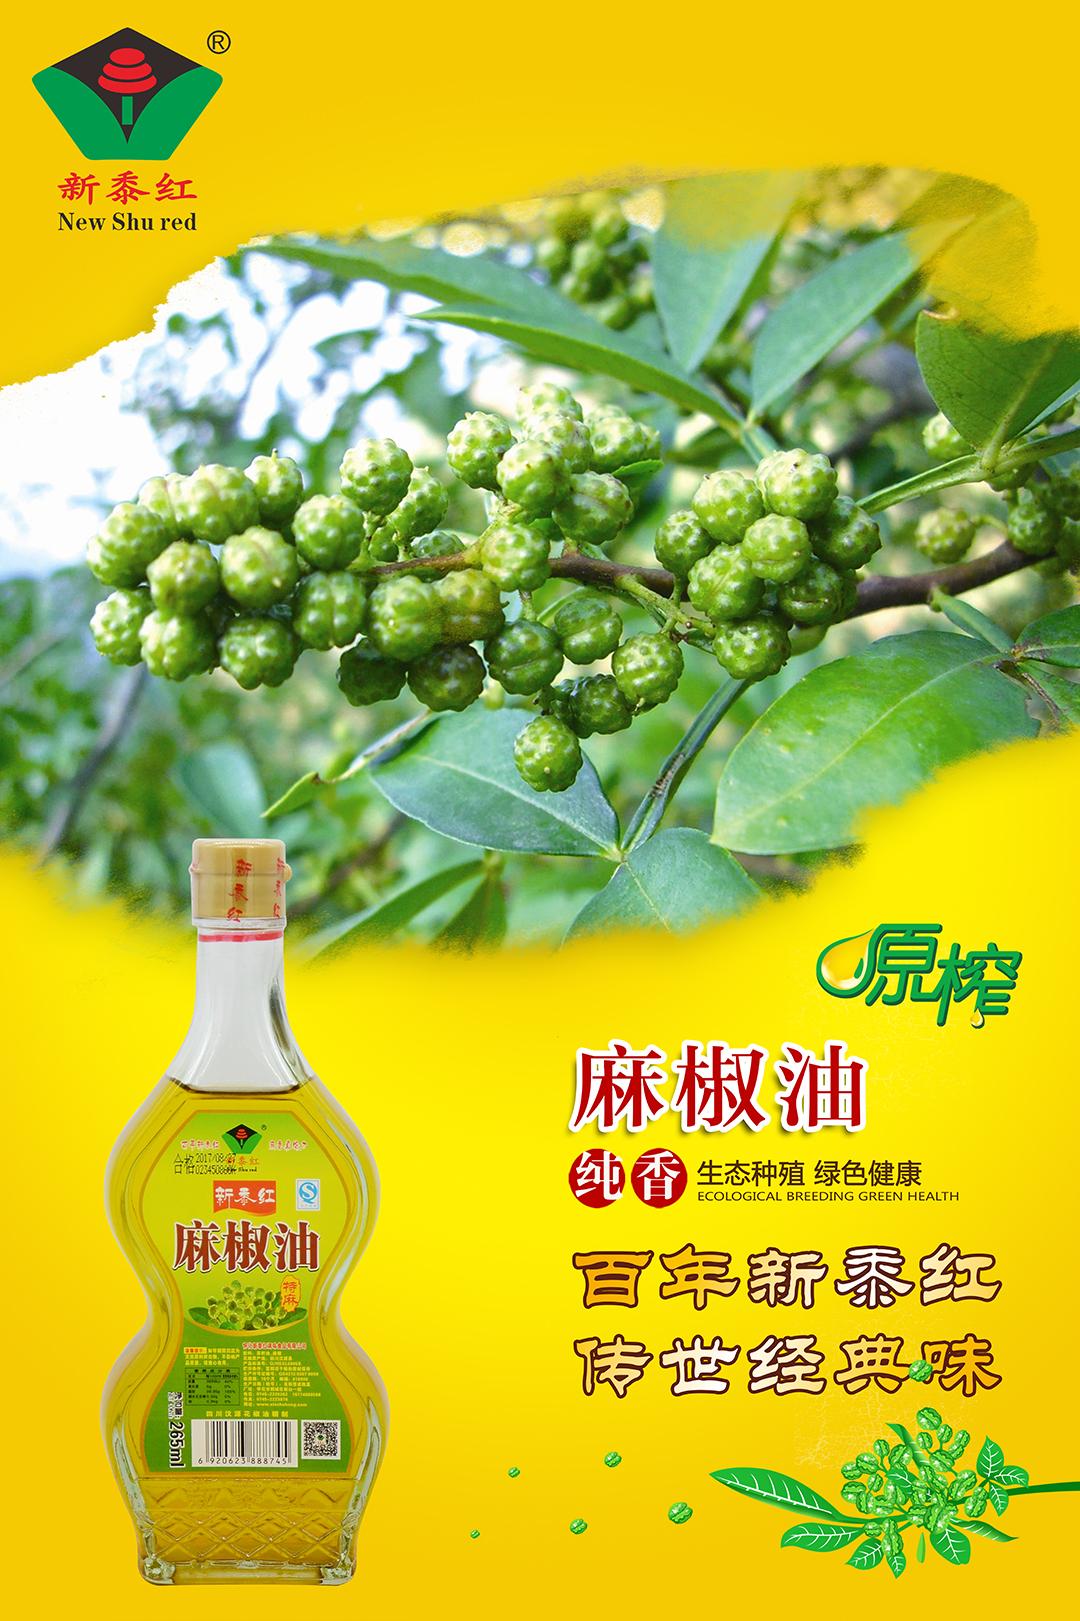 麻椒油产品简介图3_01.jpg